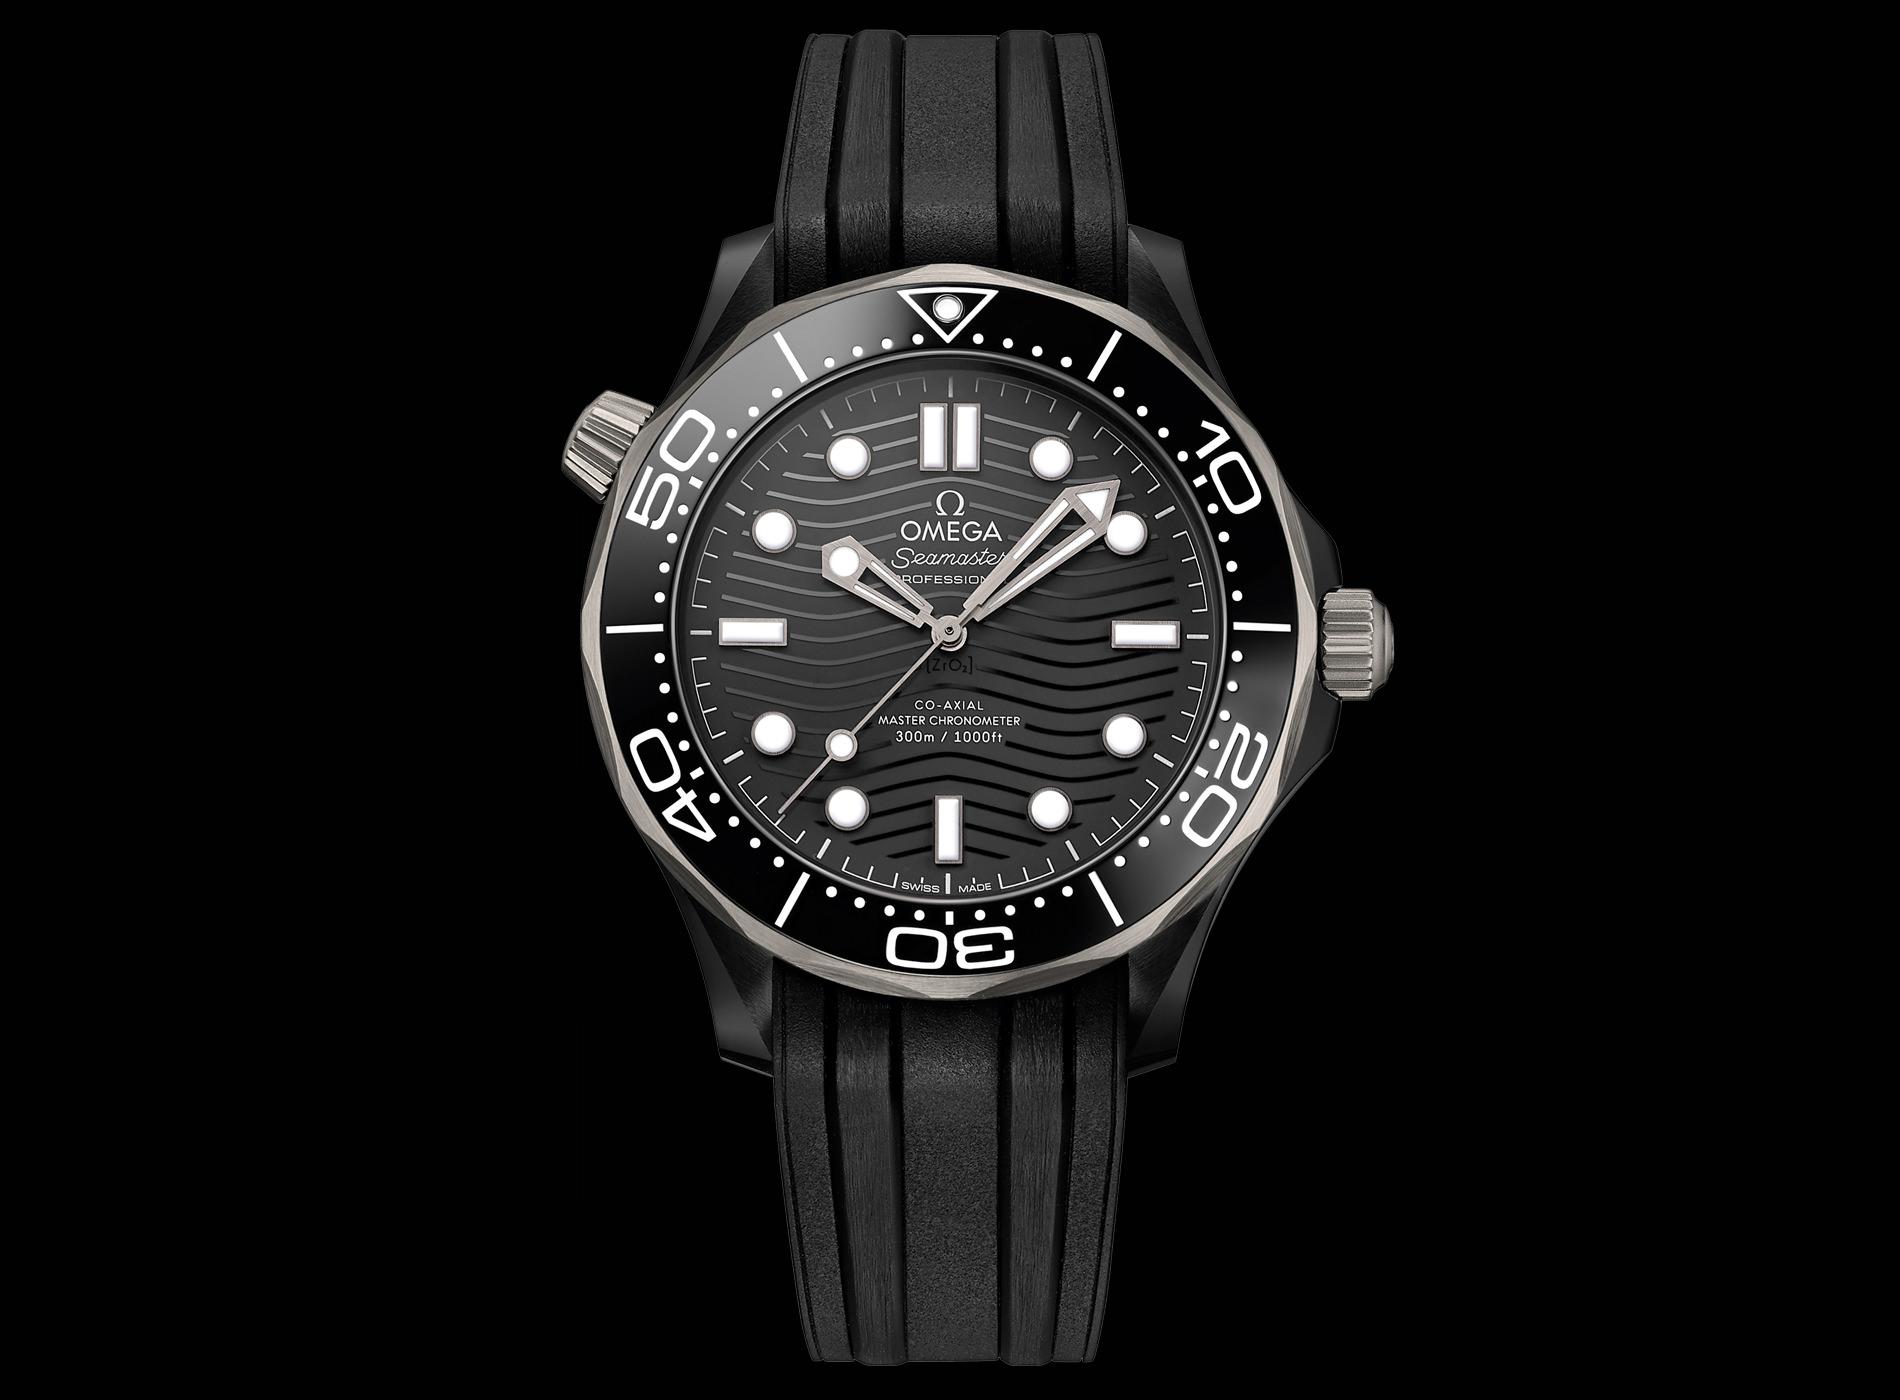 Montre Omega Seamaster Diver 300M Céramique Titanium Bracelet Caoutchouc Fond Noir